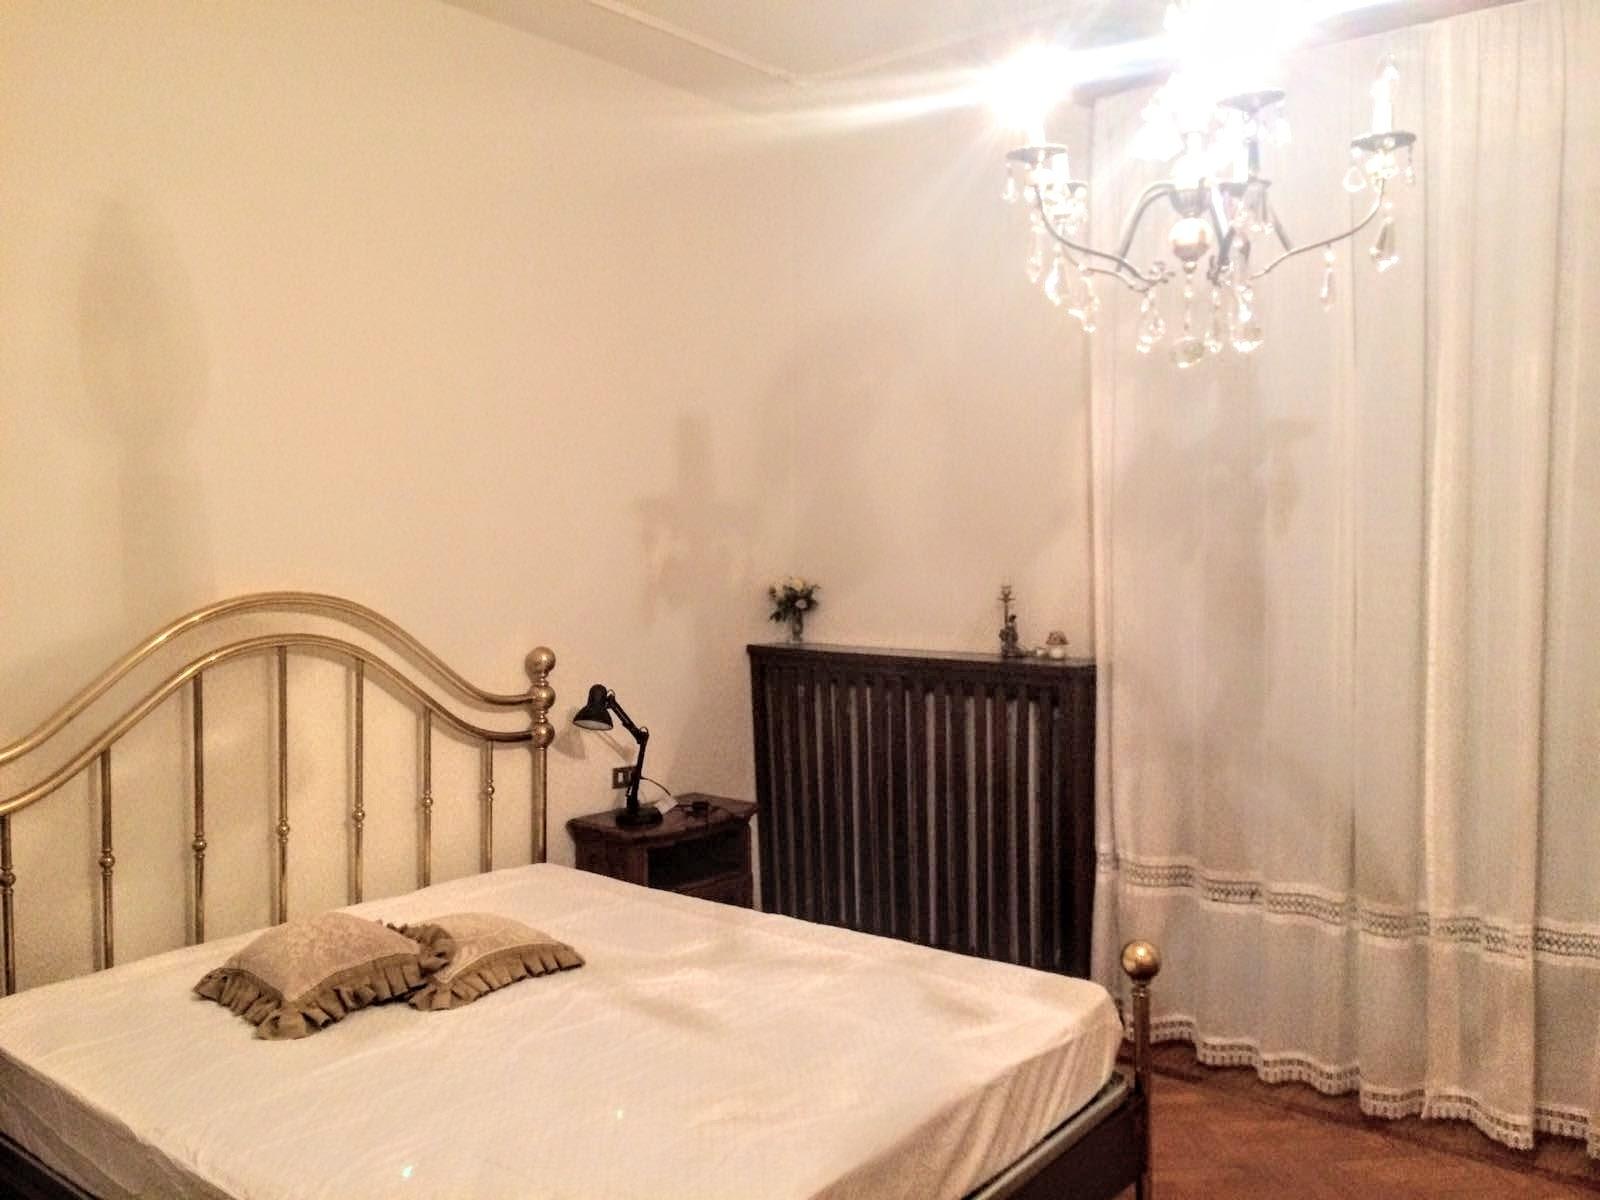 Appartamento in affitto a Casale Monferrato, 3 locali, zona Località: SanGermano, prezzo € 380 | CambioCasa.it